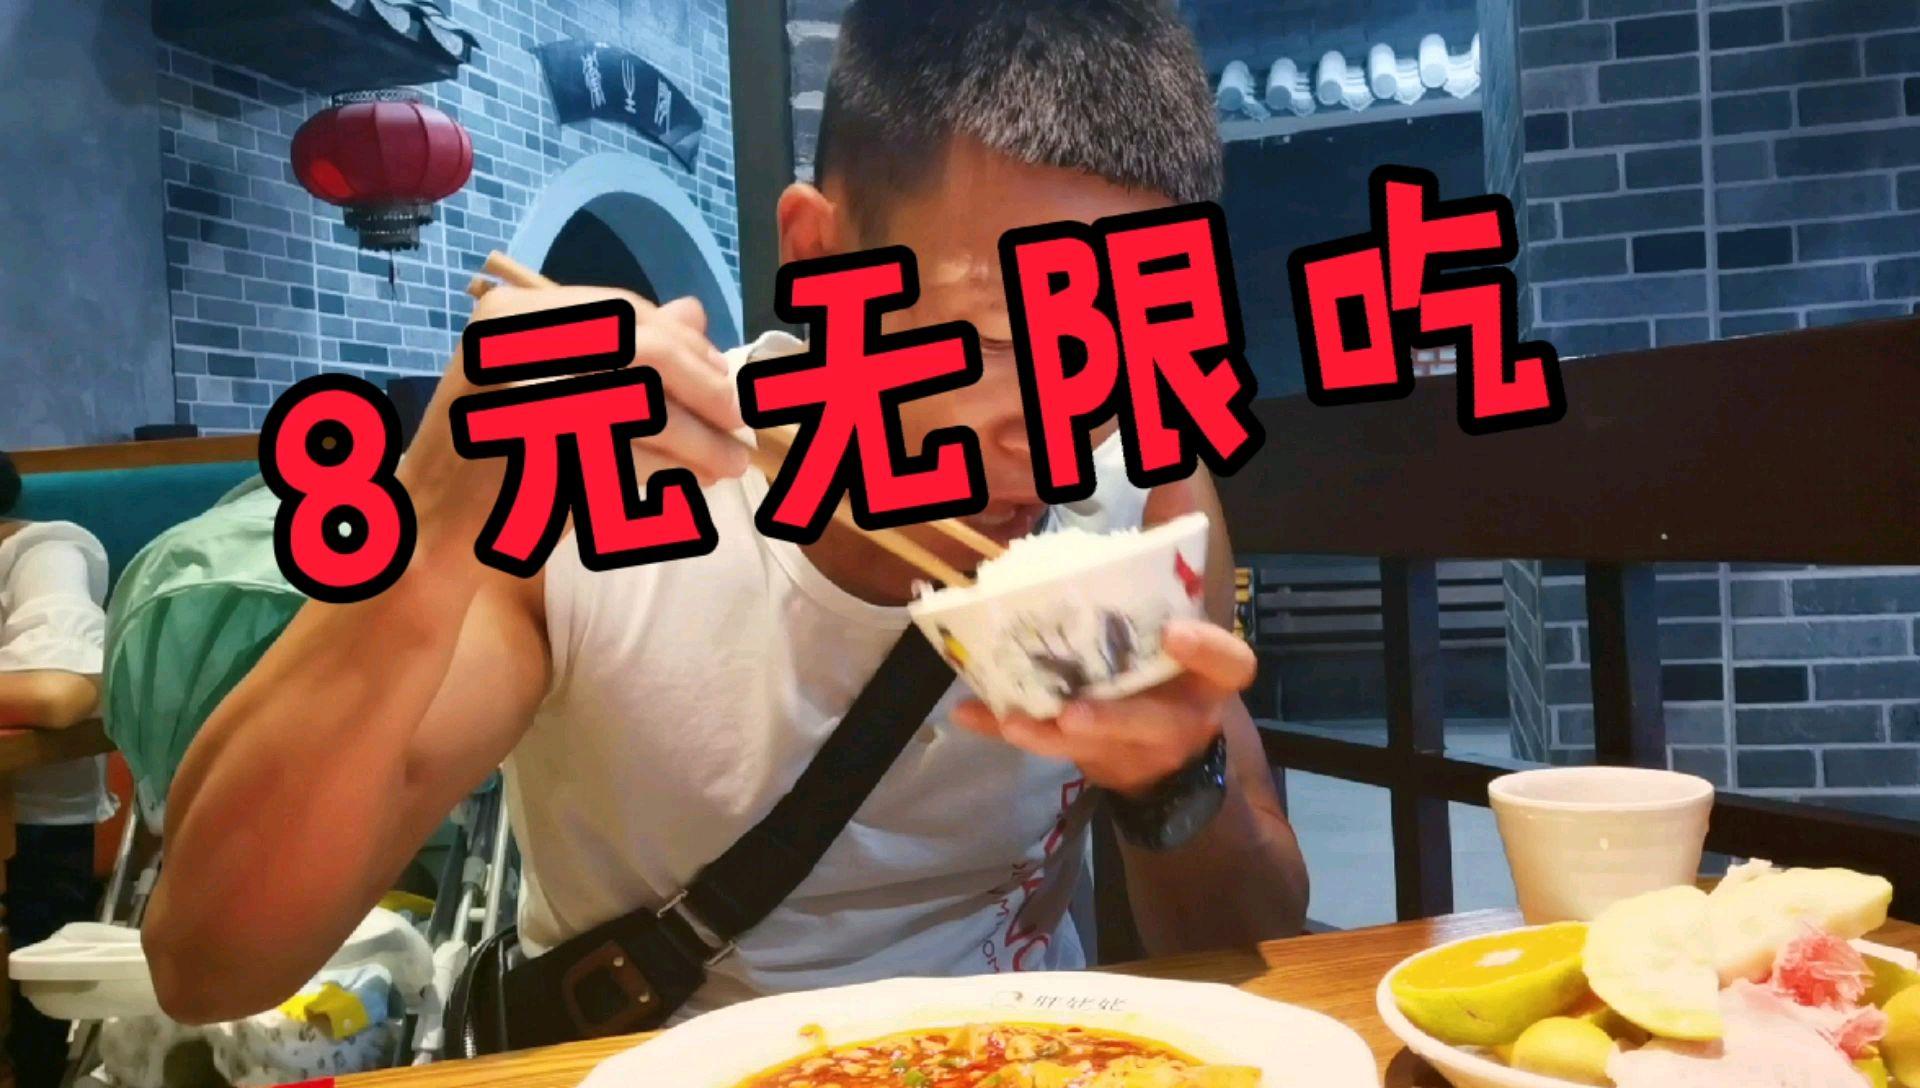 【初秋健身打卡】8元在饭店吃到撑,老板直呼内行